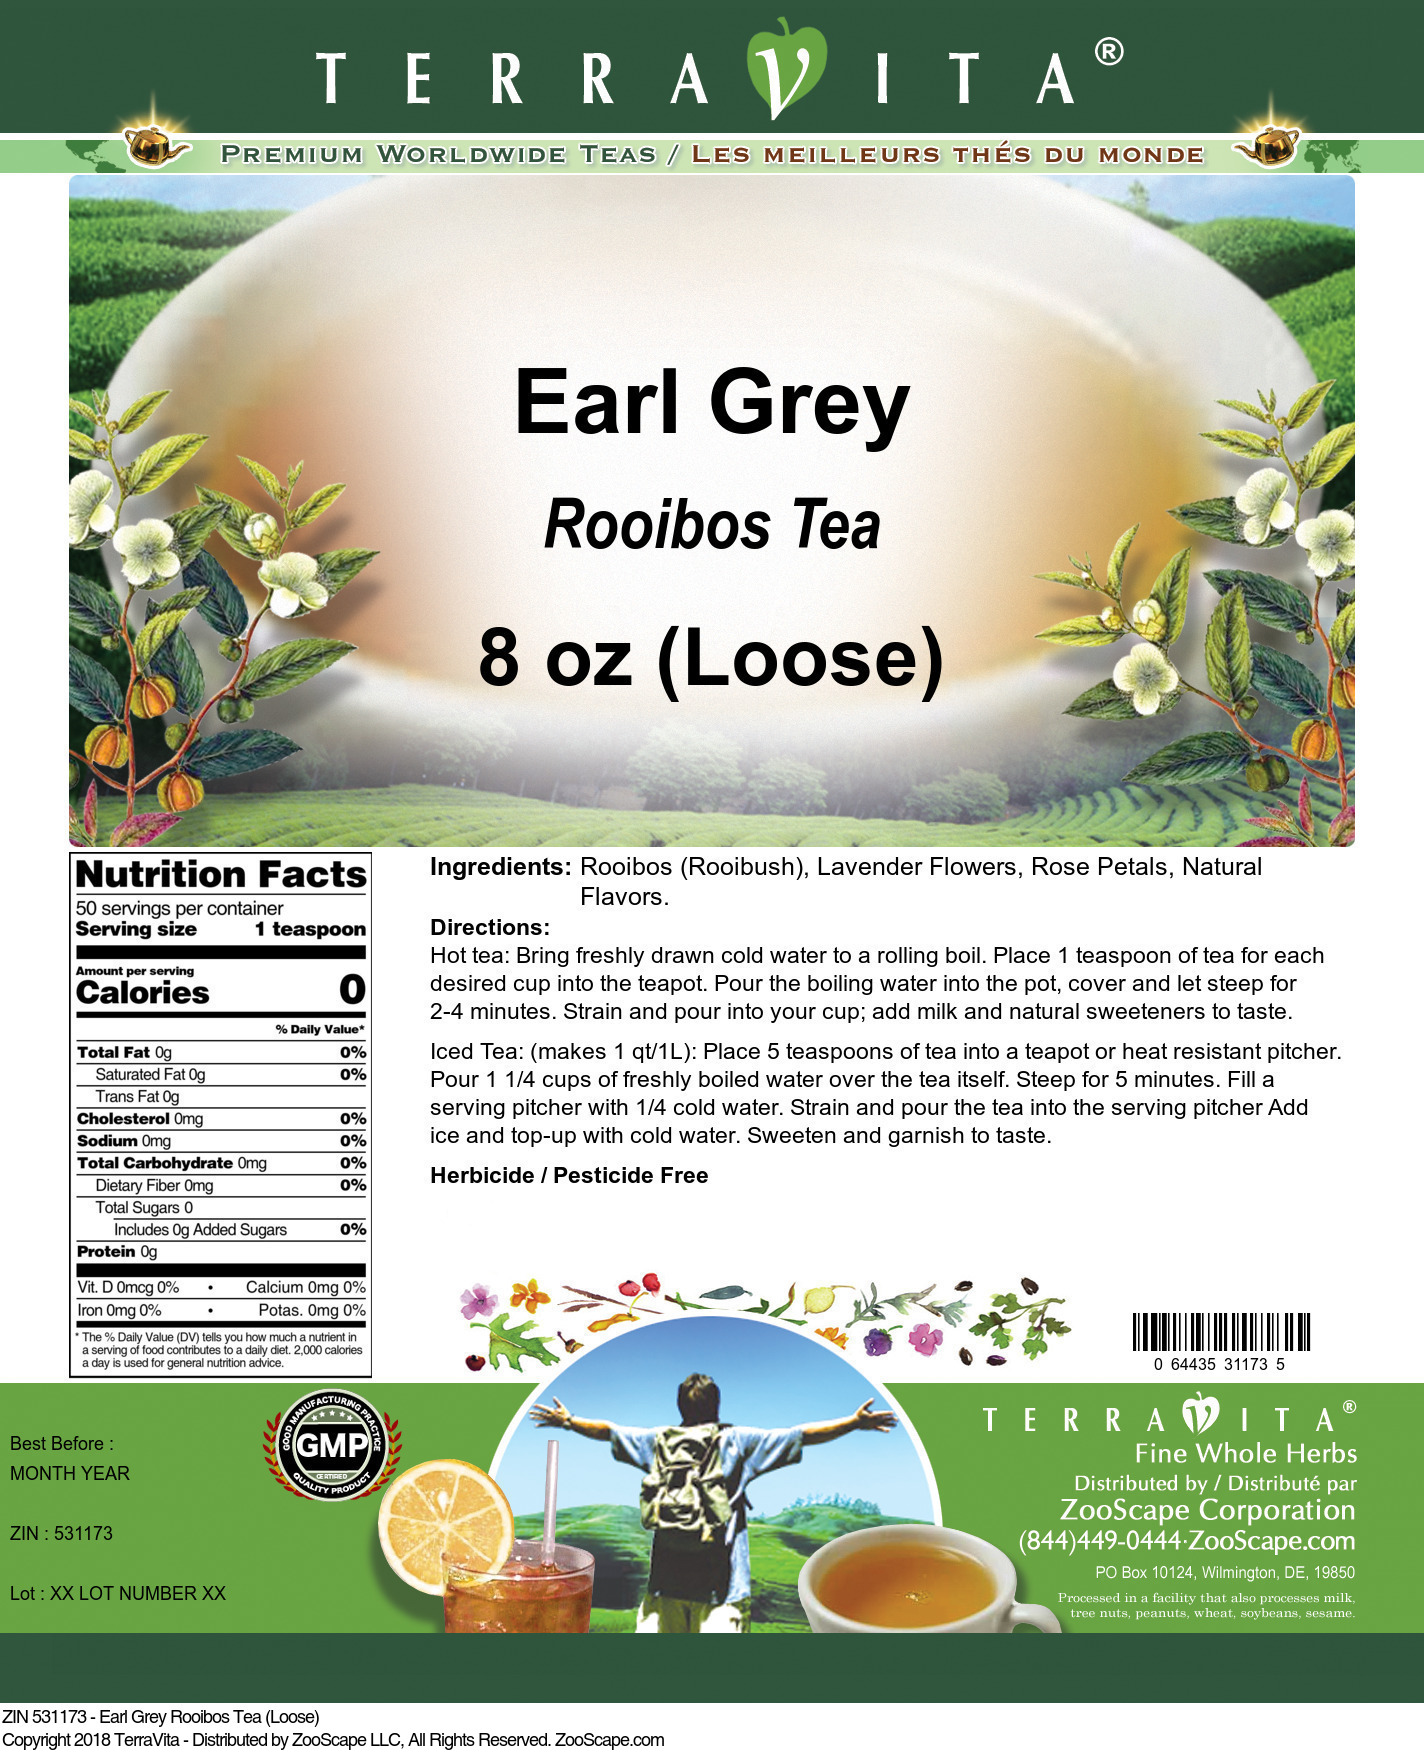 Earl Grey Rooibos Tea (Loose)